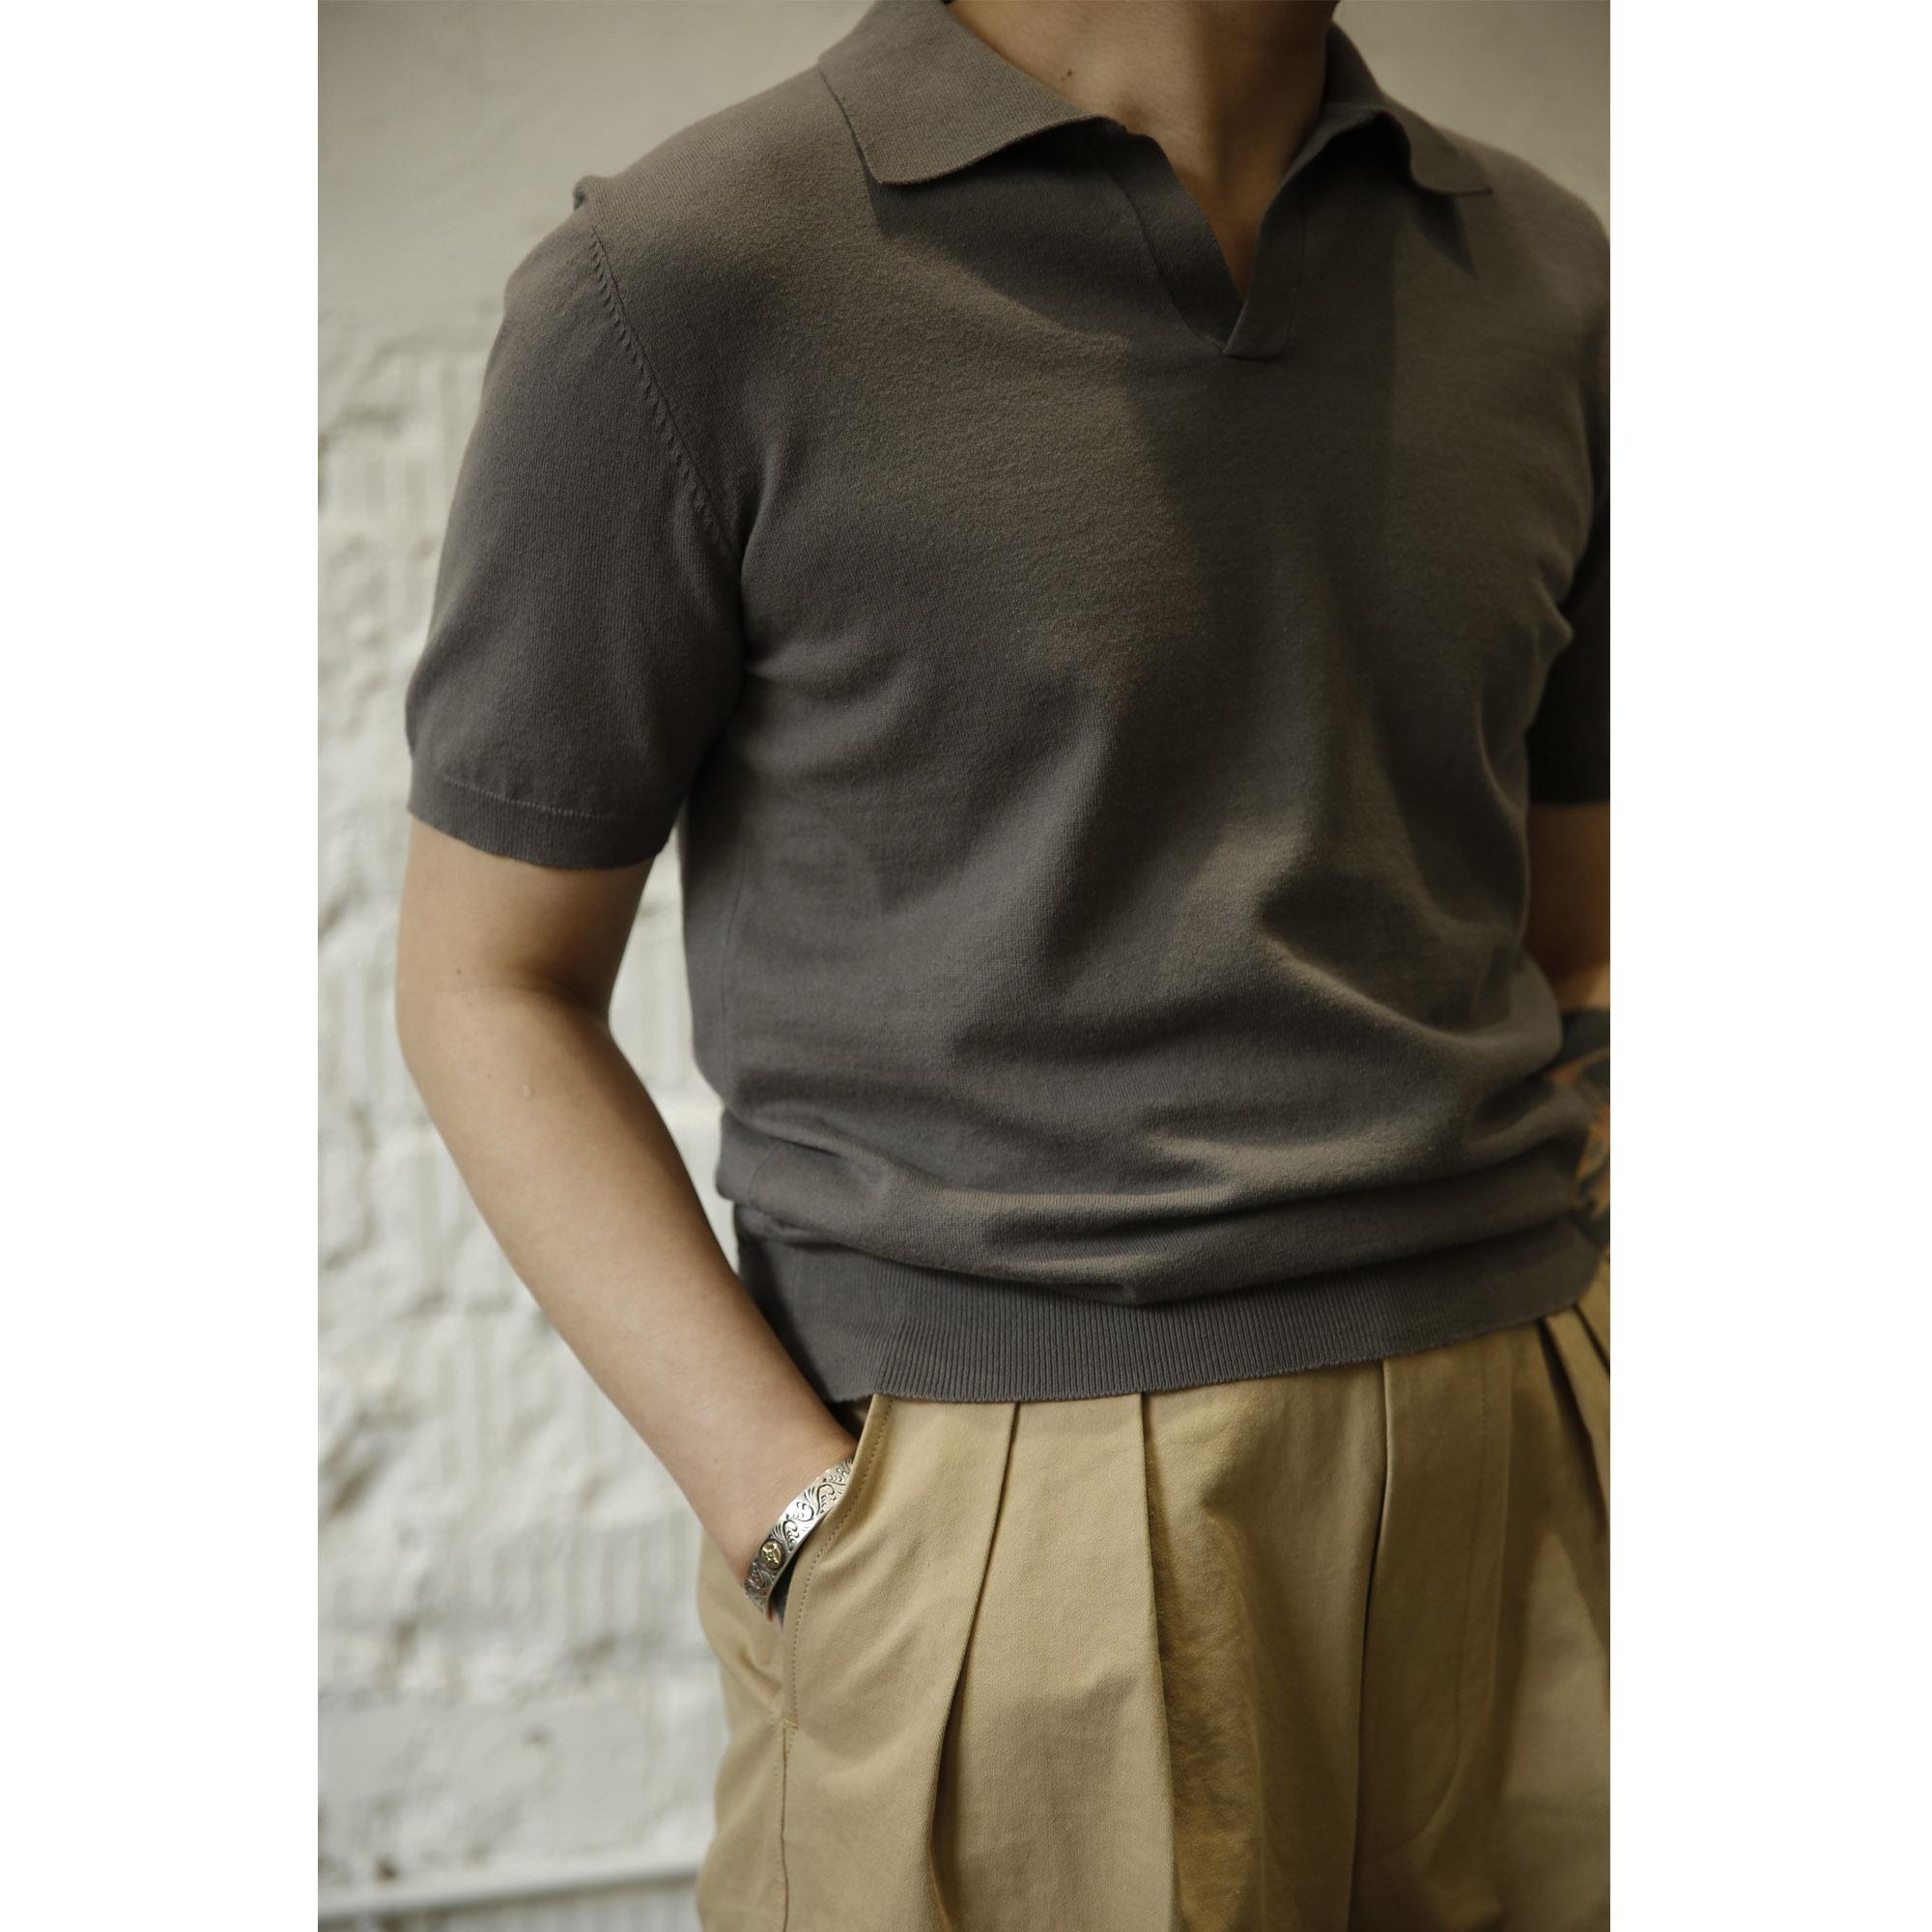 中國代購 中國批發-ibuy99 polo������ Labour union意式马球polo针织短袖T恤优雅精致LU141